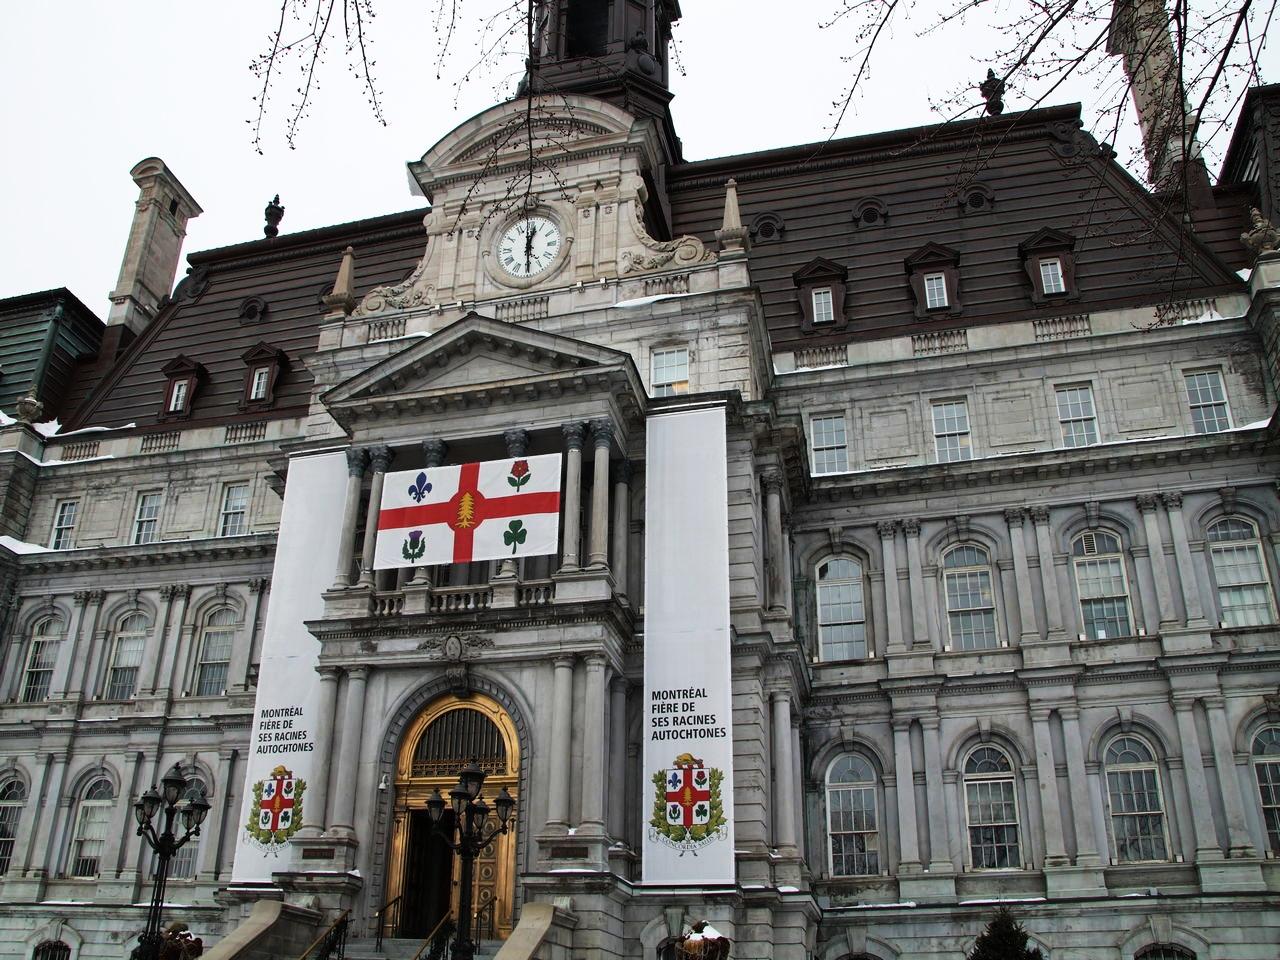 """Hötel de Ville y el cartel que dice """"Montreal, orgullosa de sus raíces autóctonas""""."""